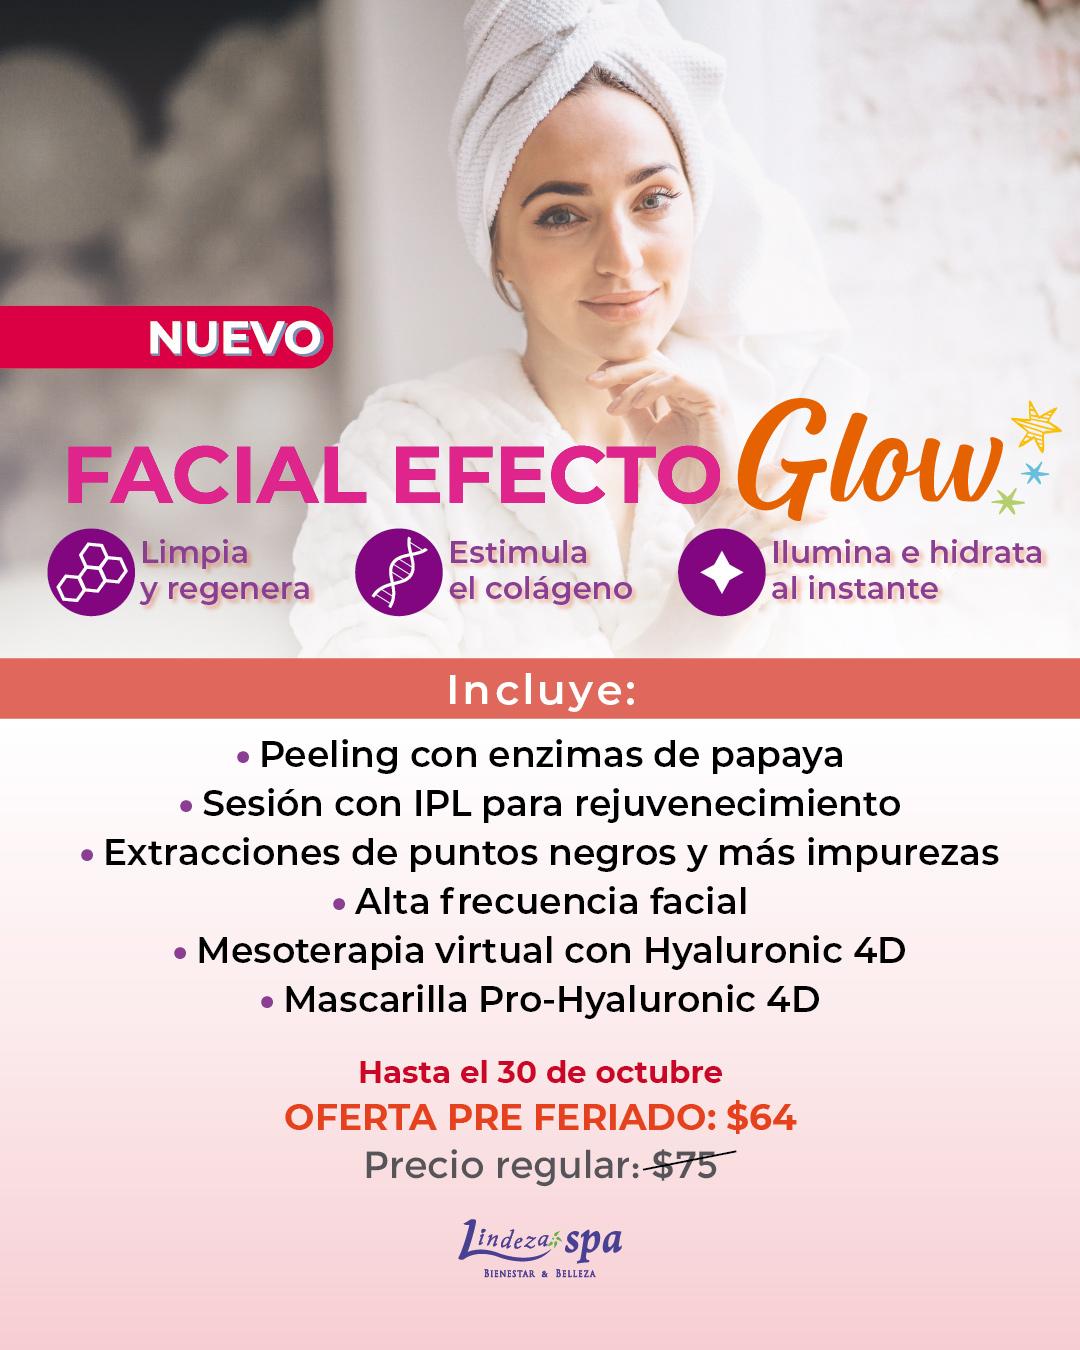 efecto Glow, facial en Guayaquil, spa, tratamiento facial sin agujas, no invasivo